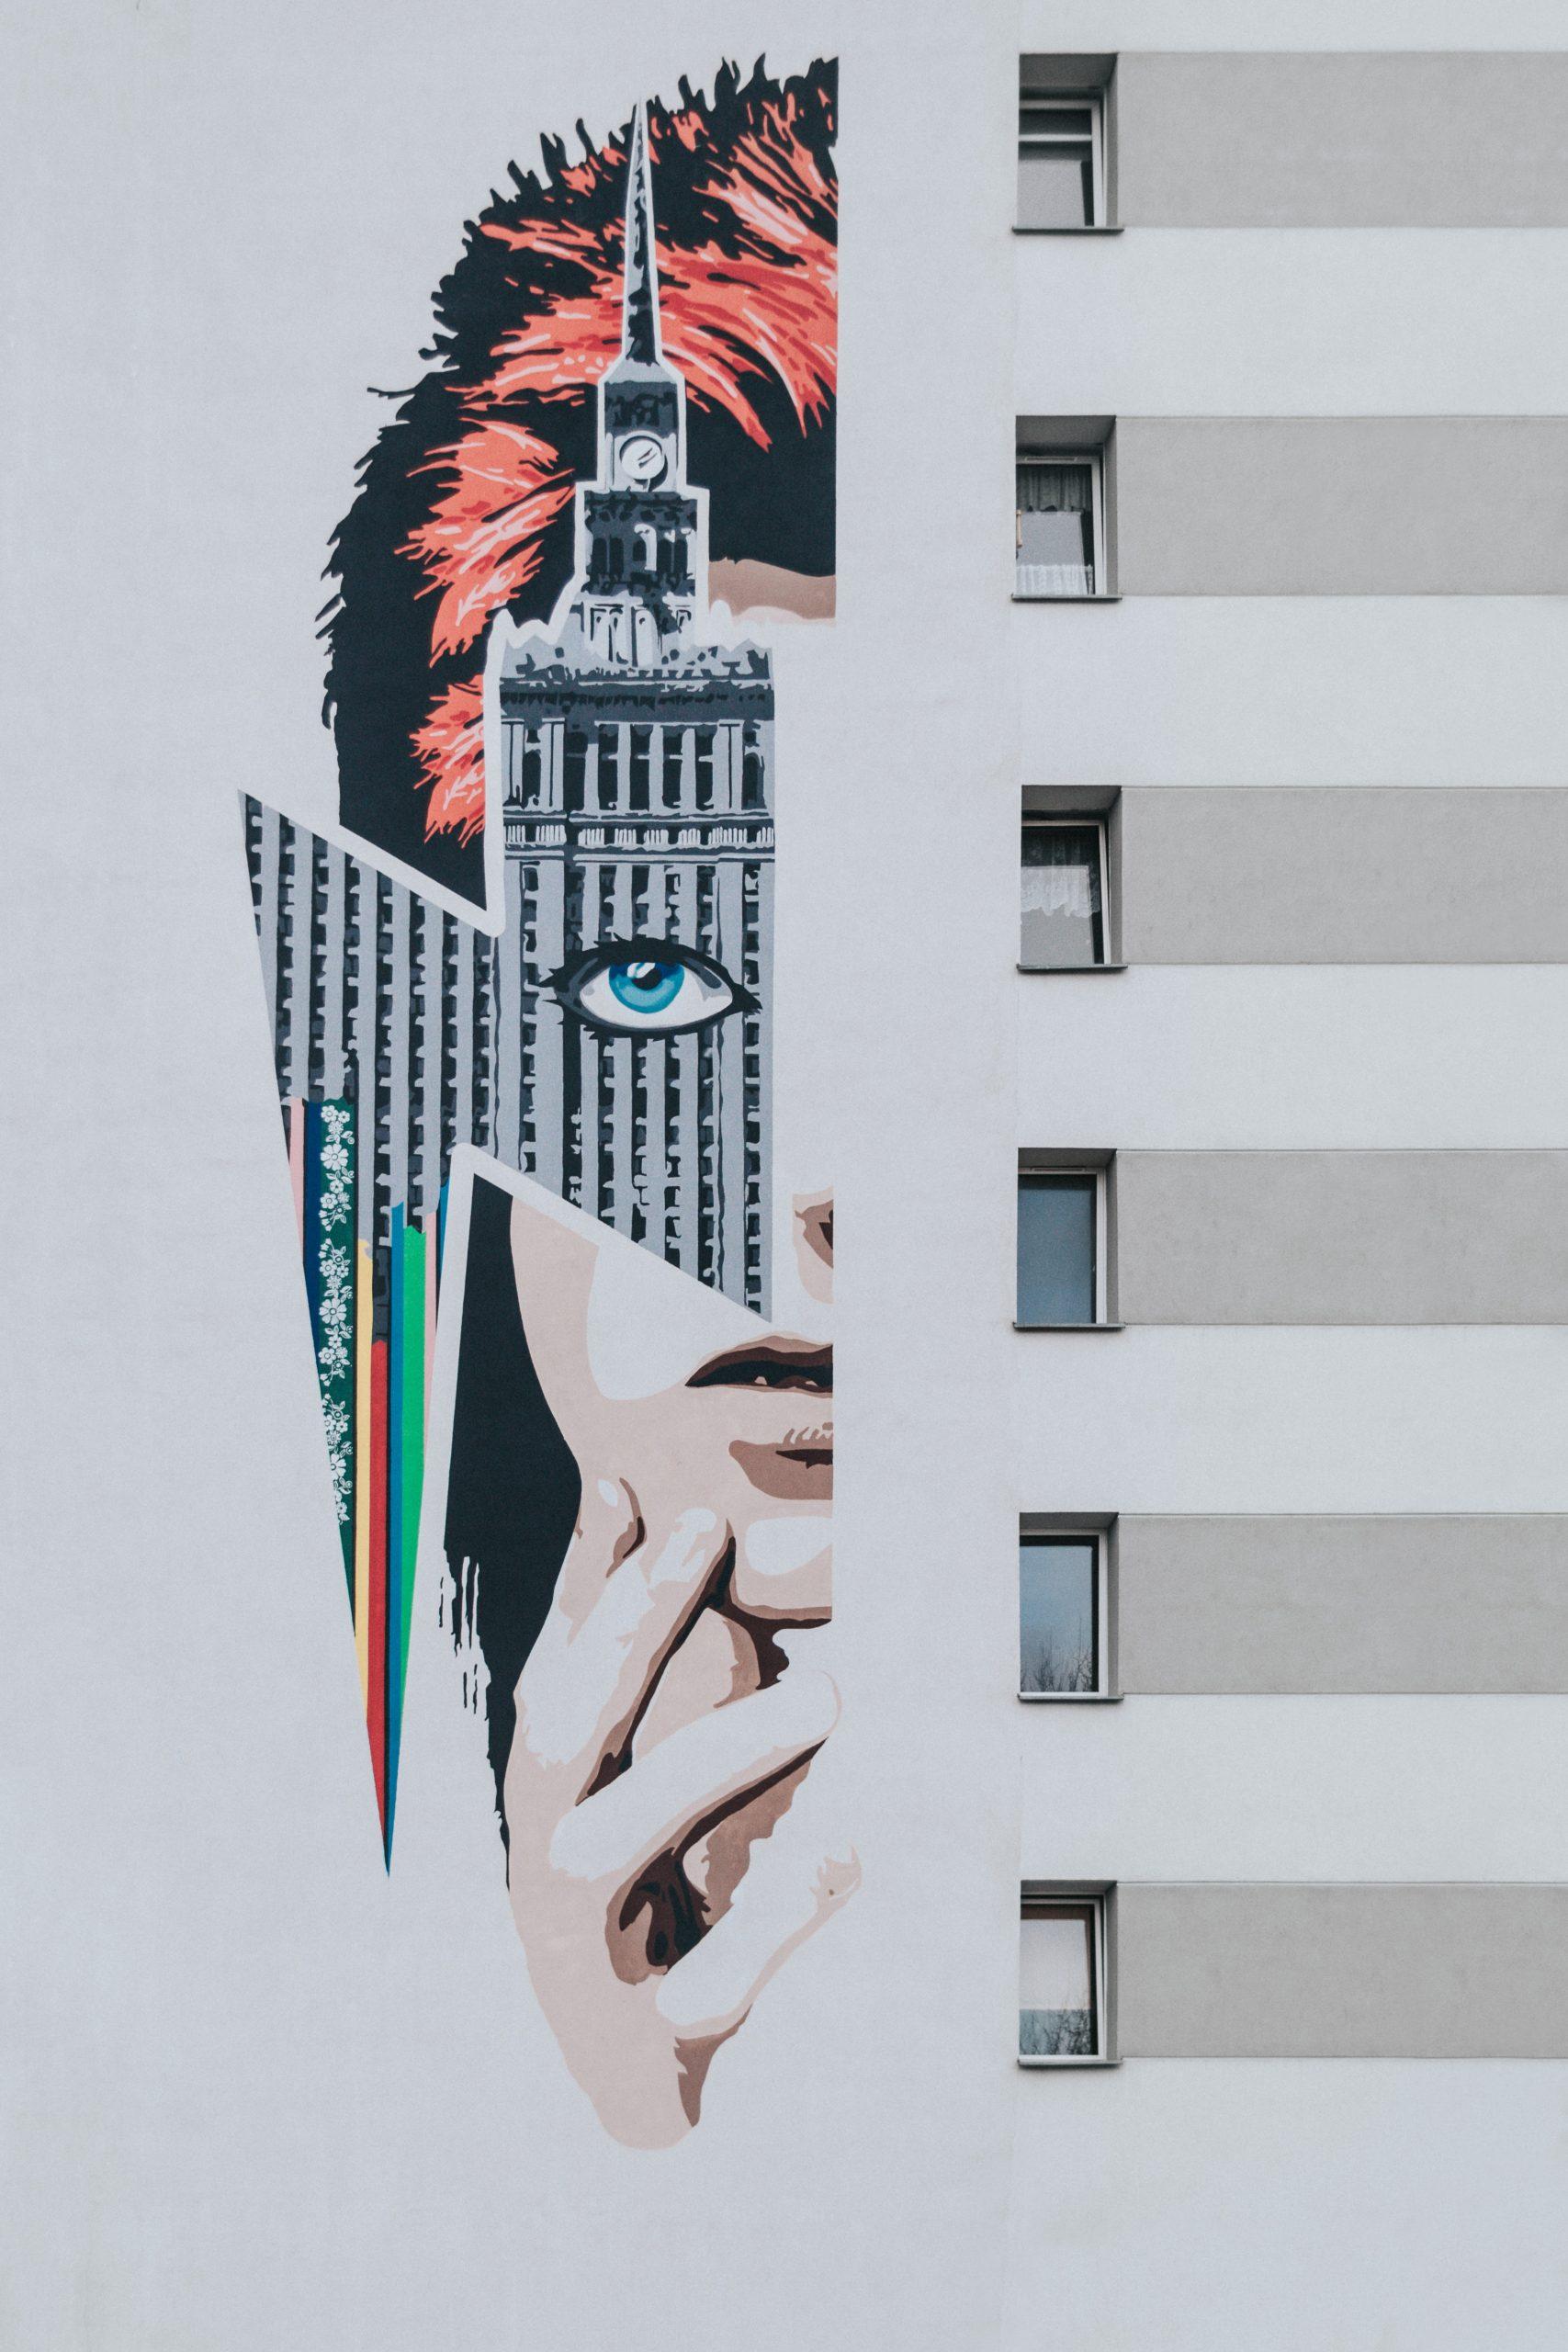 Especial: A Trajetória Das Cidades Criativas